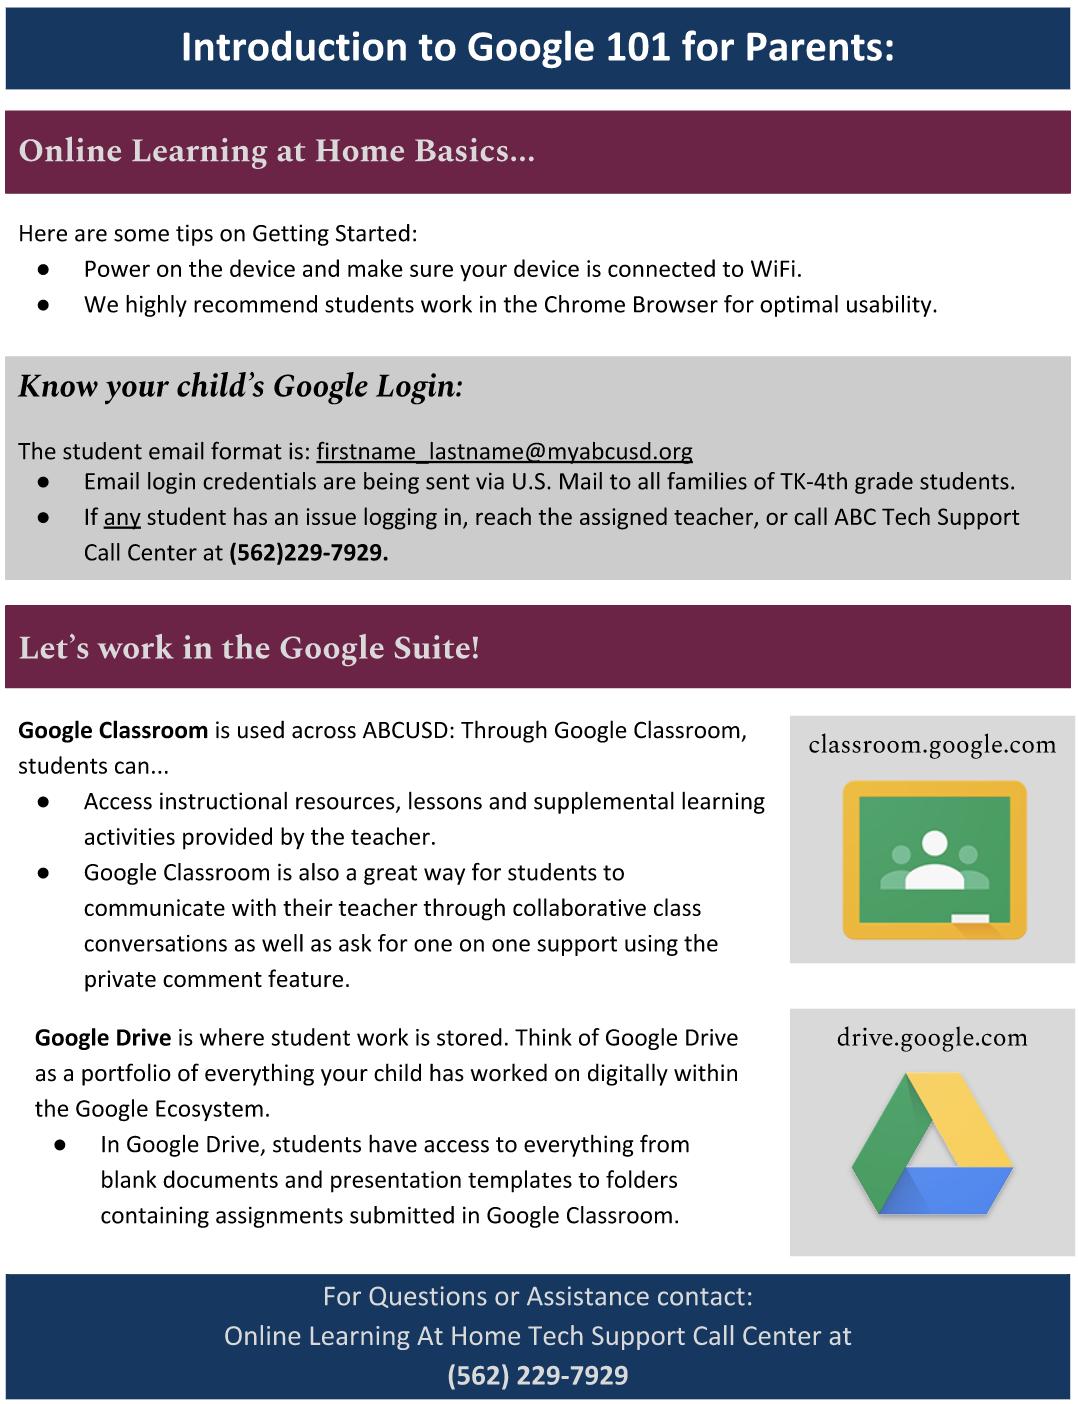 Google 101 for Parents